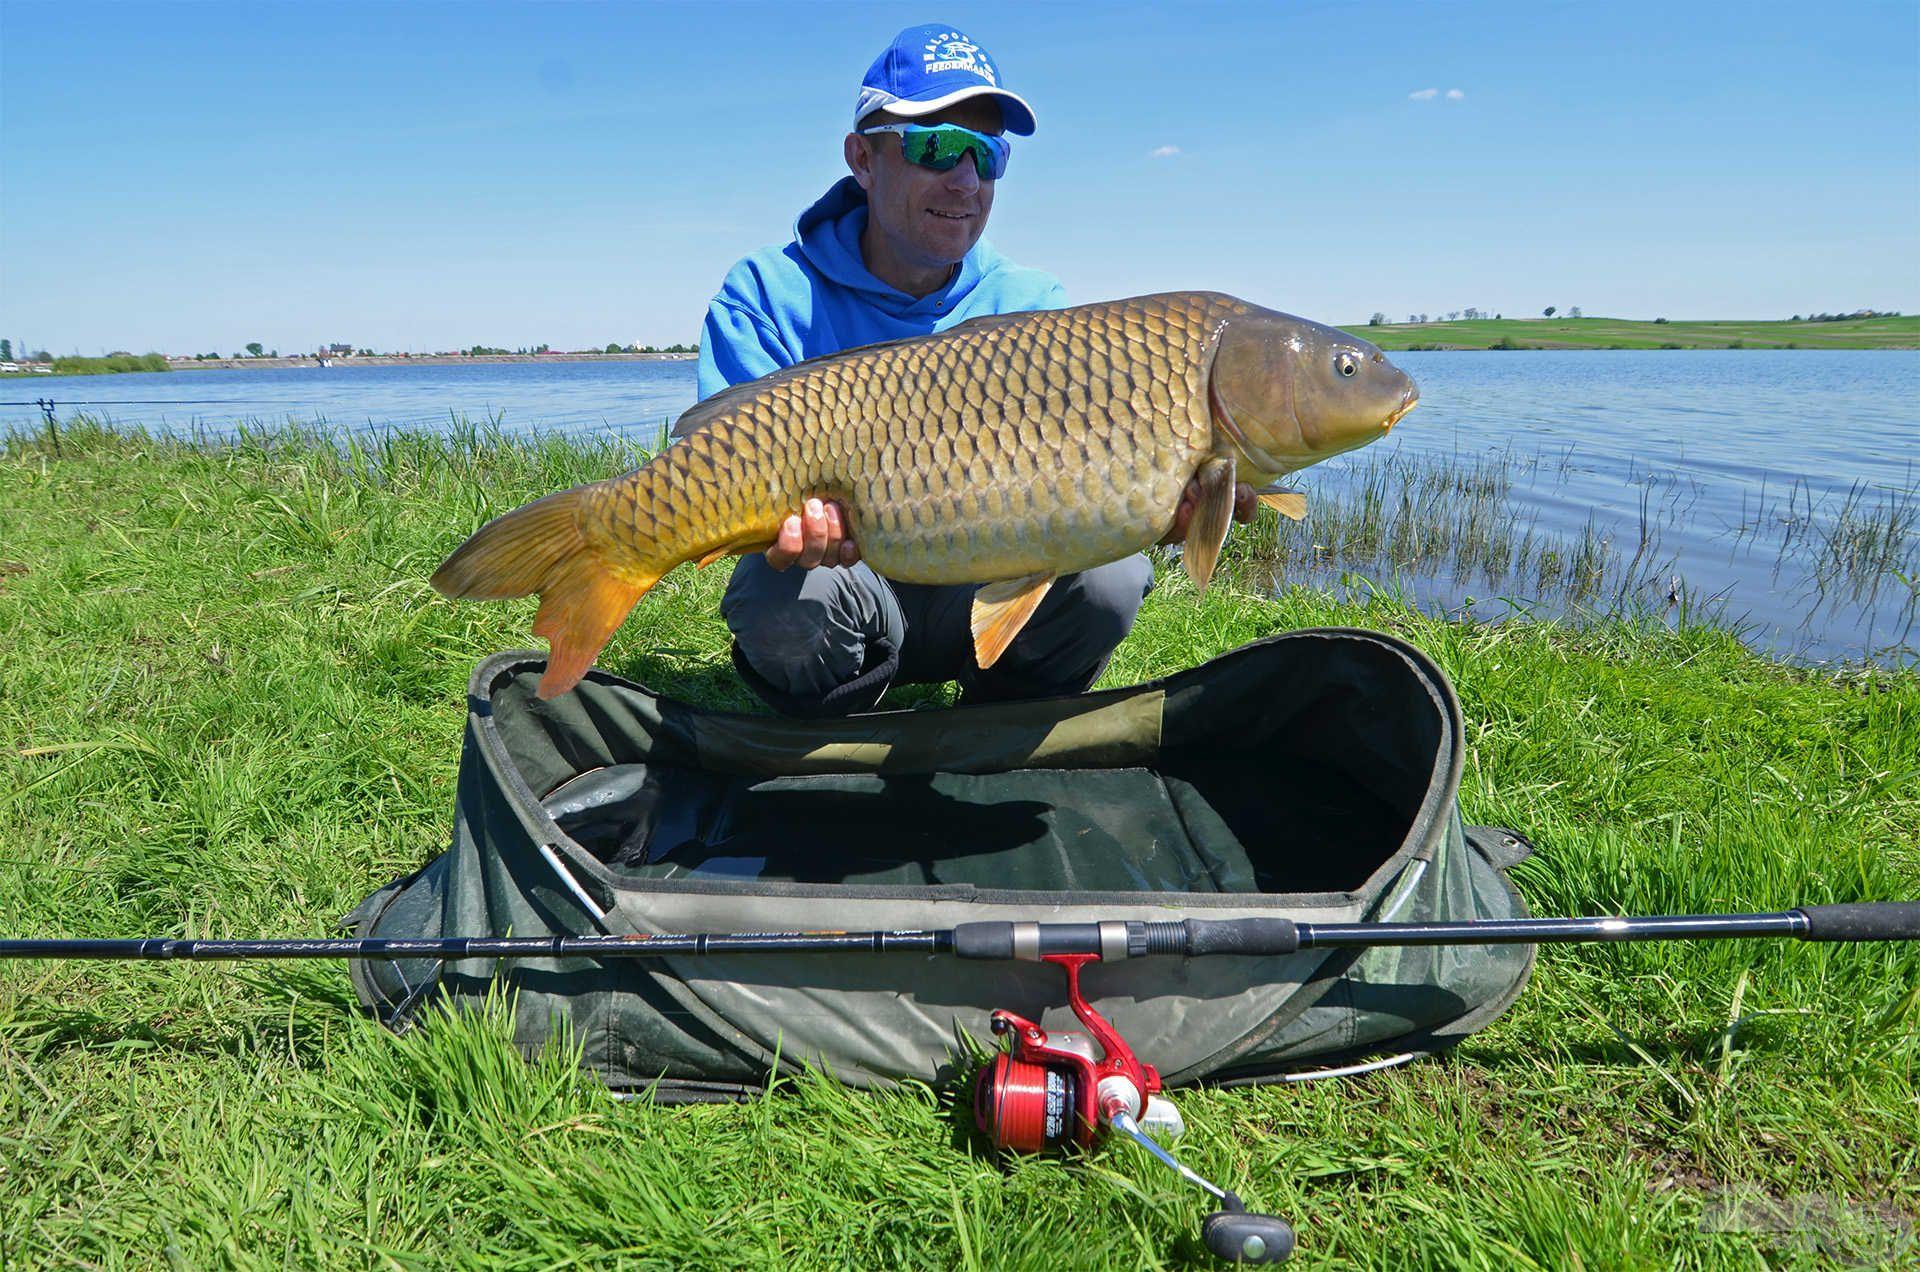 Horgászataim elmaradhatatlan kelléke ez a praktikus eszköz!